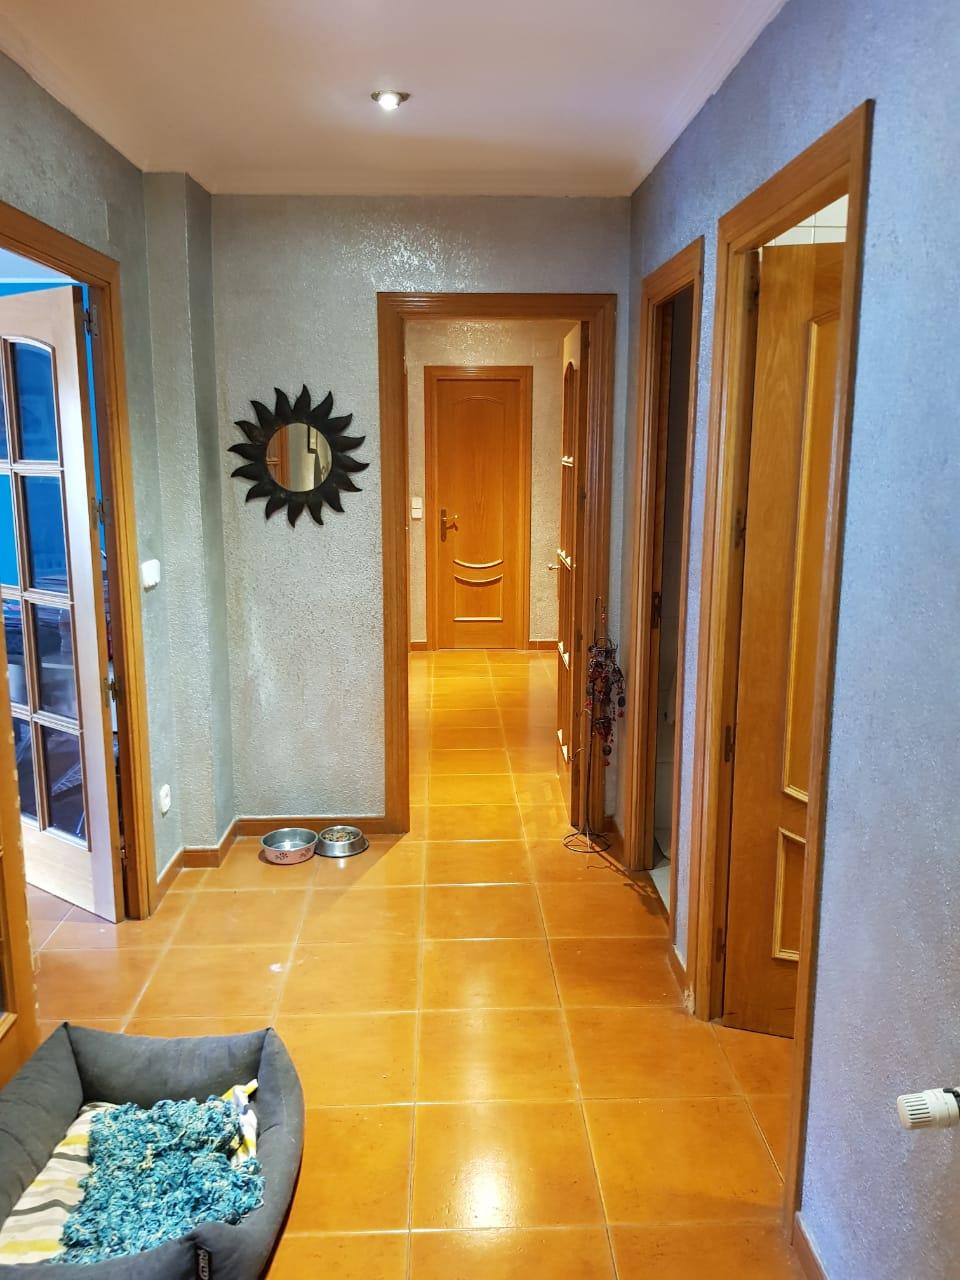 Pis en venda a Andorra la Vella, 3 habitacions, 120 metres